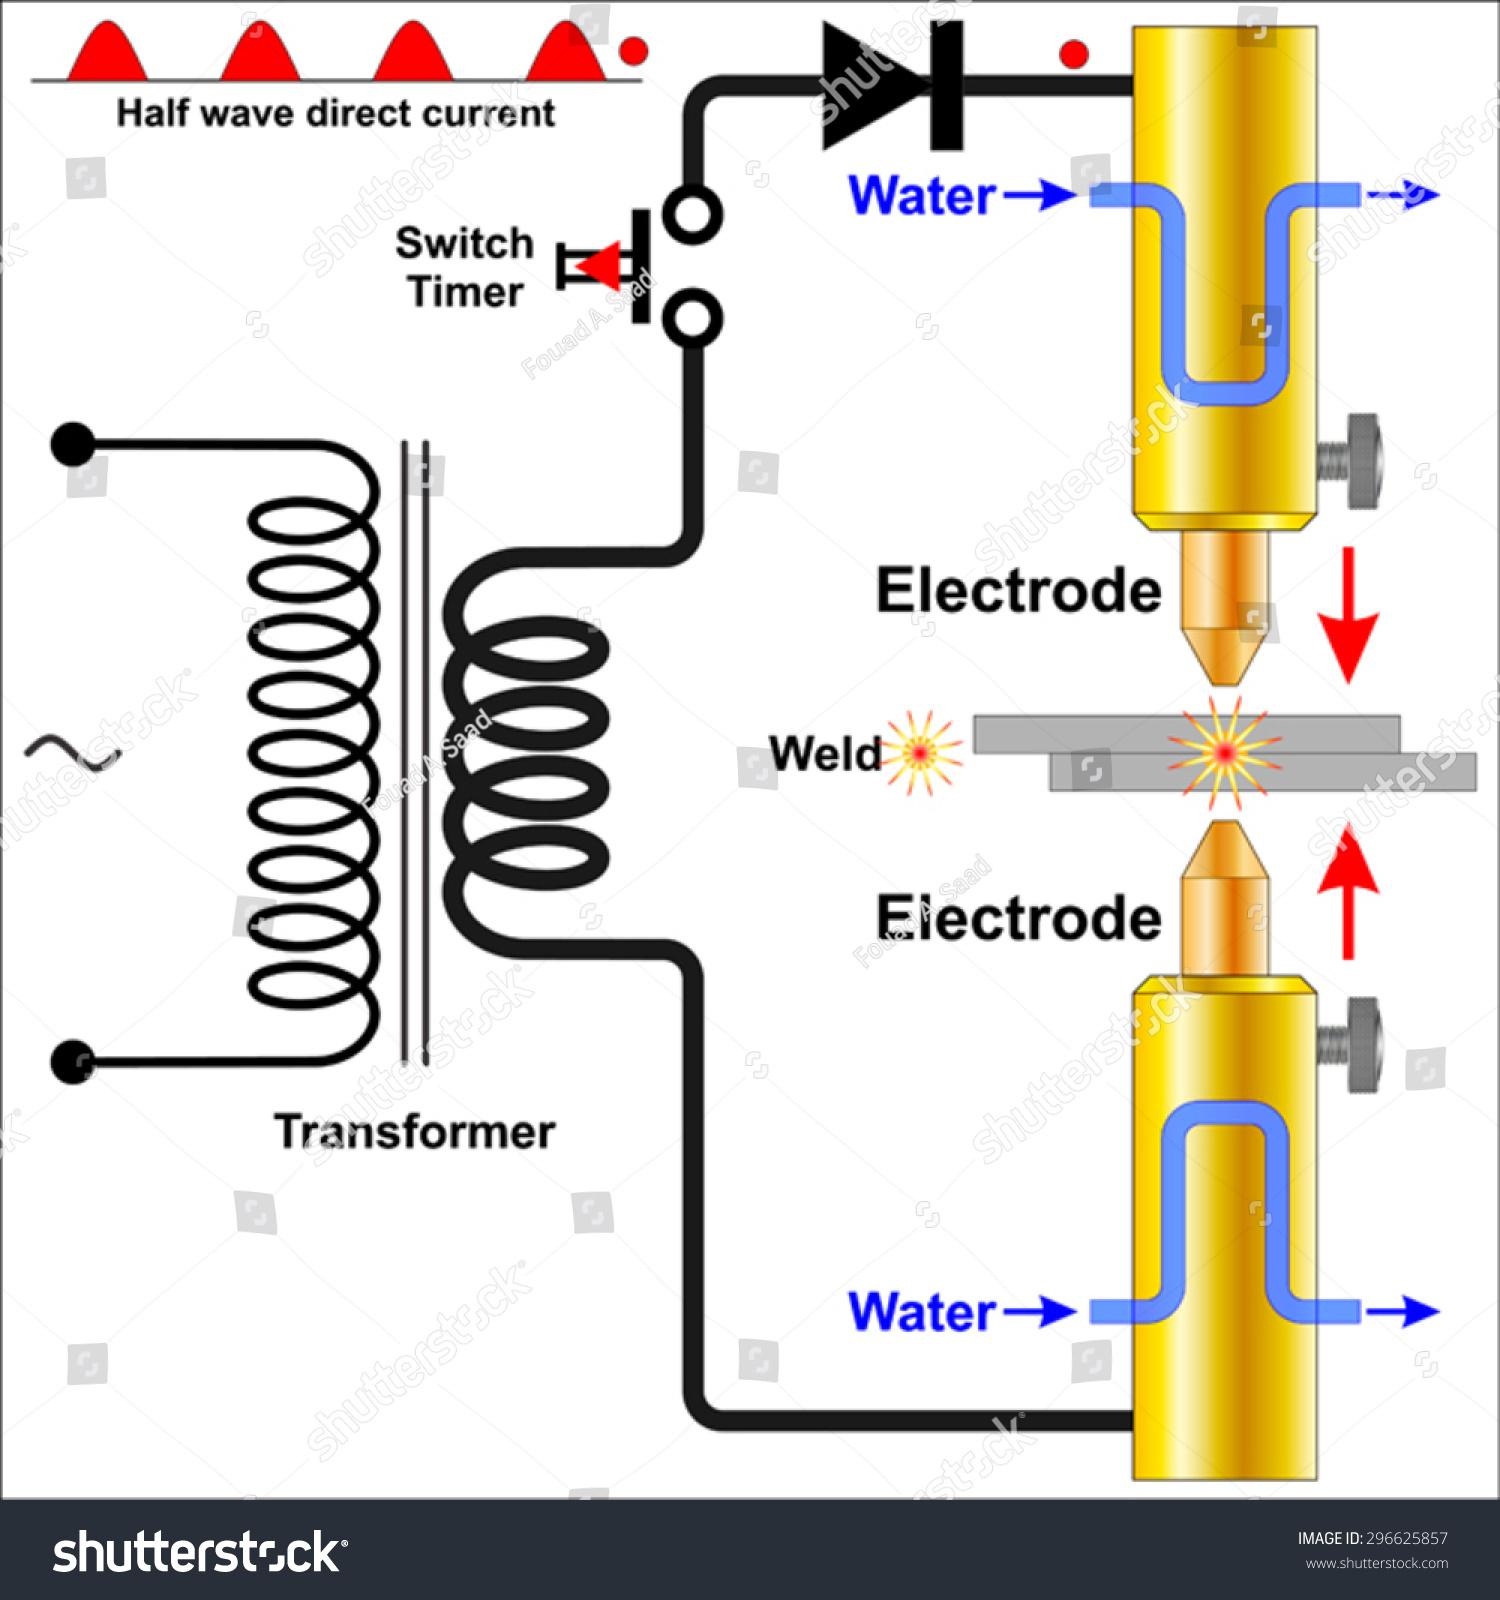 [SCHEMATICS_4UK]  Spot Welding Diagram - Multi Battery Isolator Wiring Diagram for Wiring  Diagram Schematics | Wiring Diagram For Spot Welder |  | Wiring Diagram Schematics